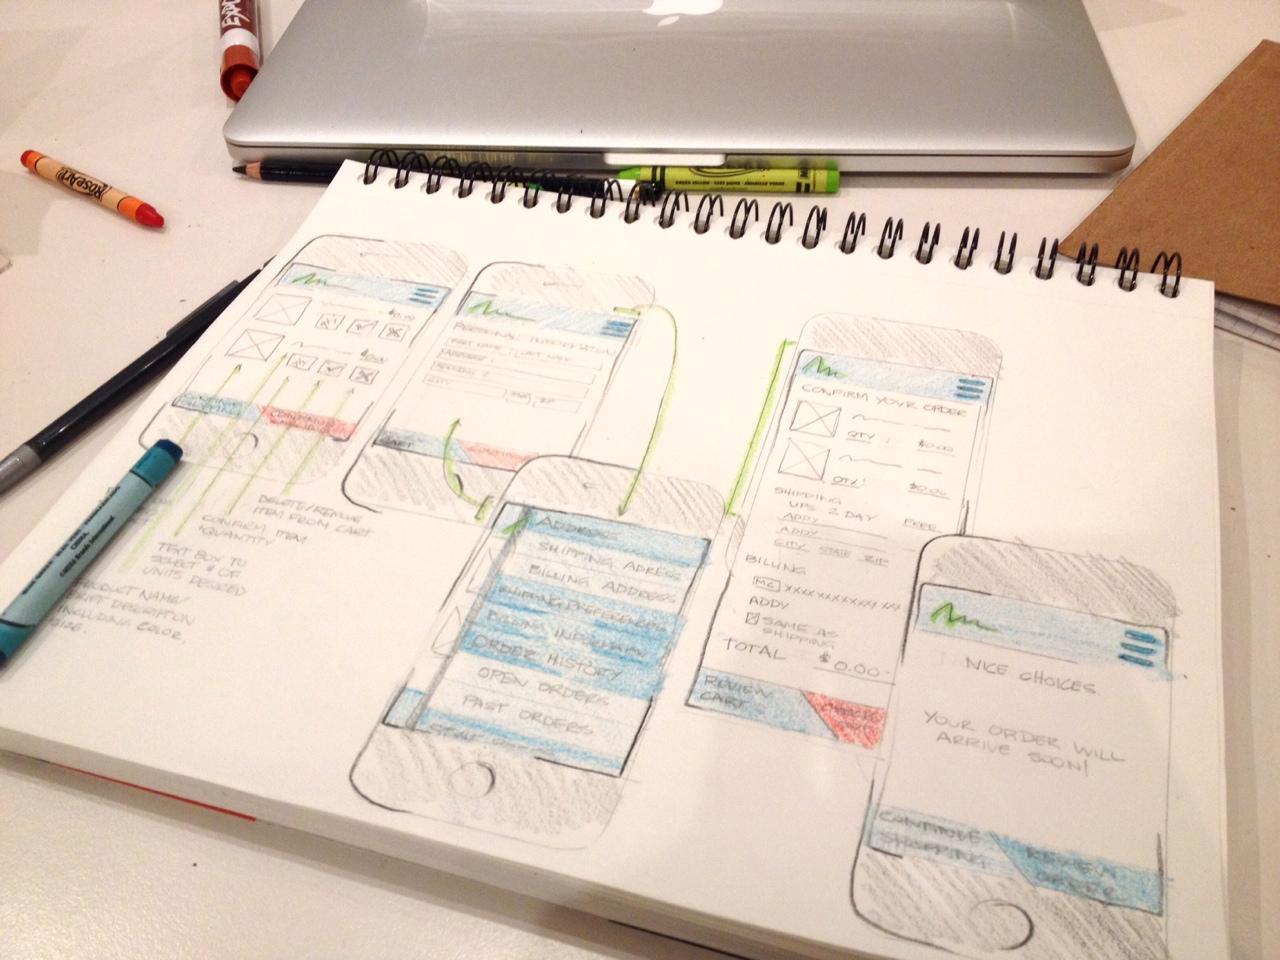 Prototyping… Crayola style.